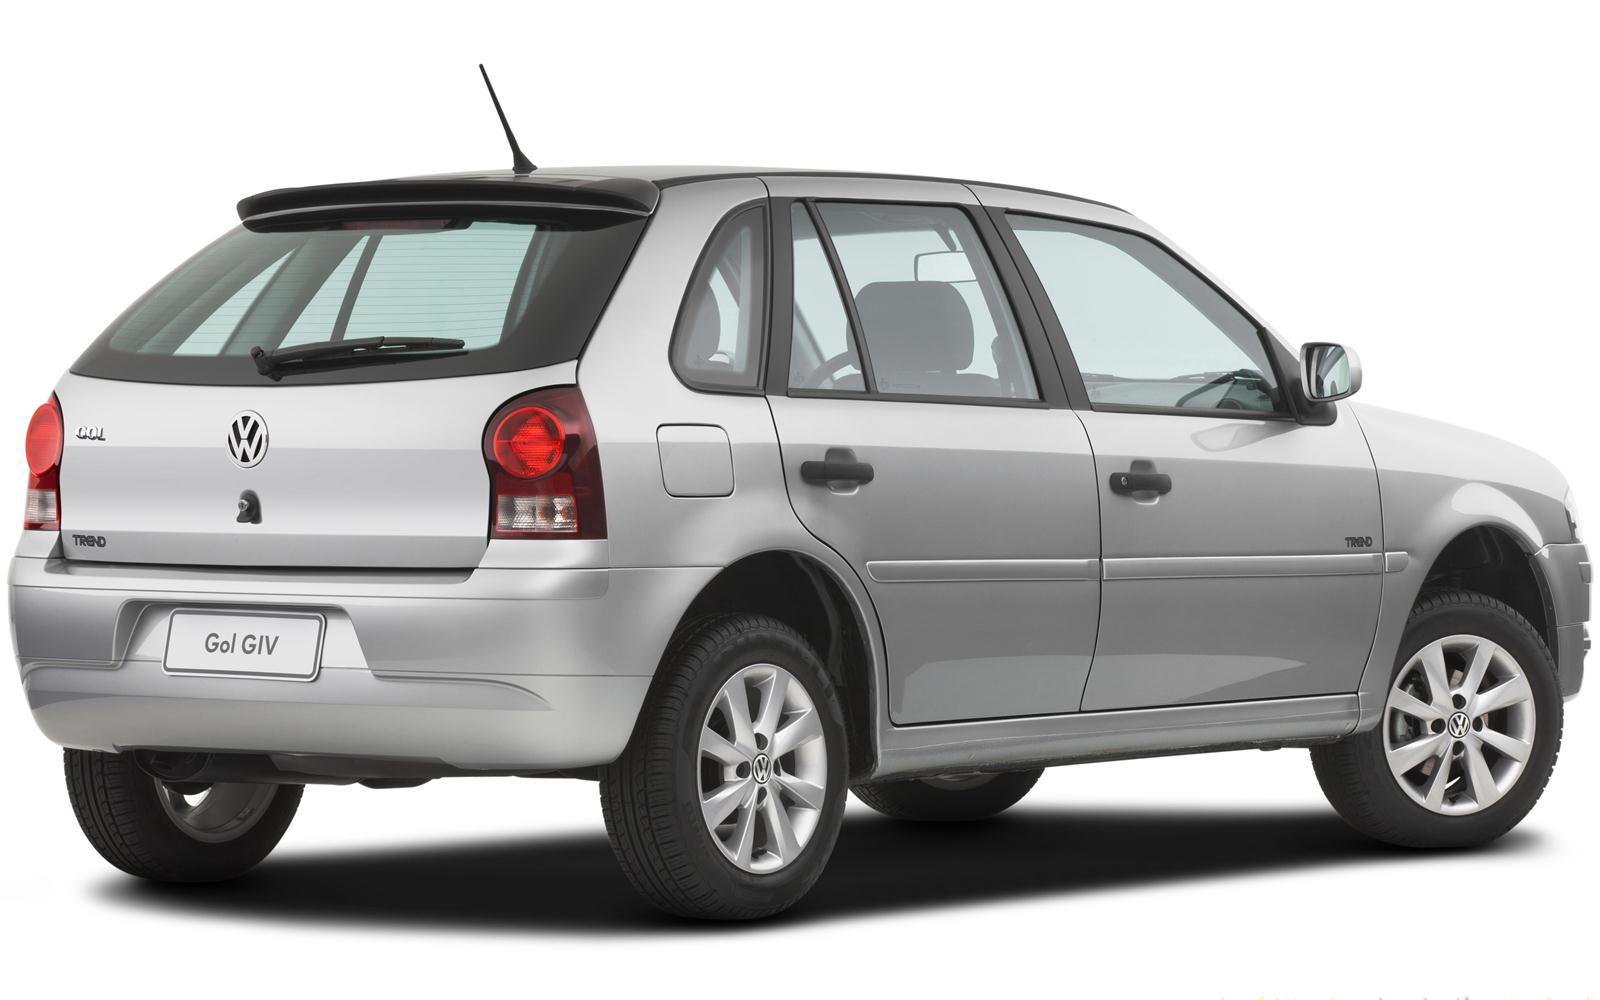 Volkswagen Gol 1.0 2010 11